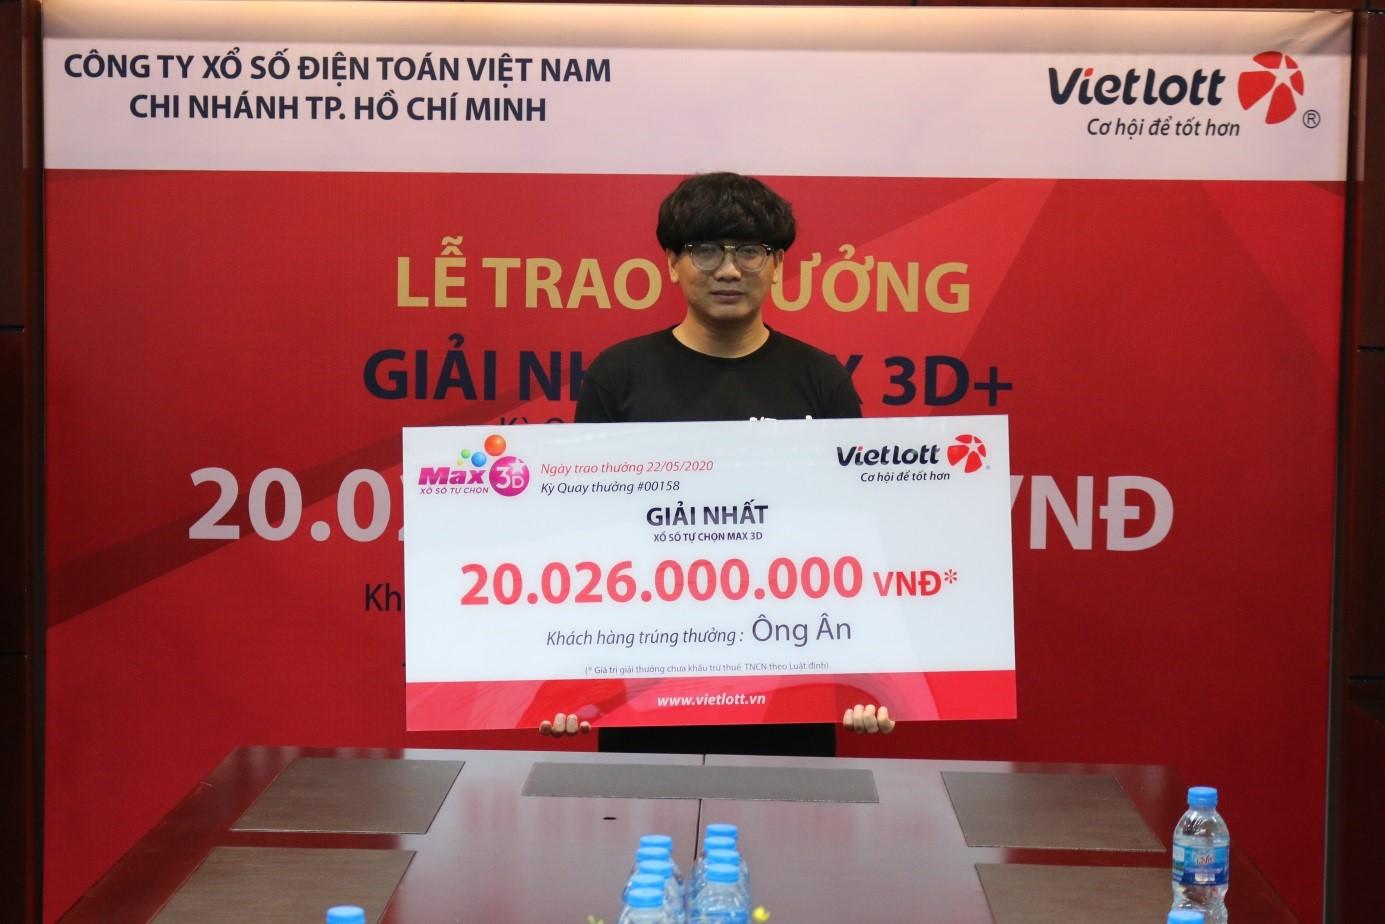 Vietlott trao giải lớn kỷ lục sản phẩm Max3D+ trị giá 20 tỷ đồng cho người trúng thưởng không đeo mặt nạ